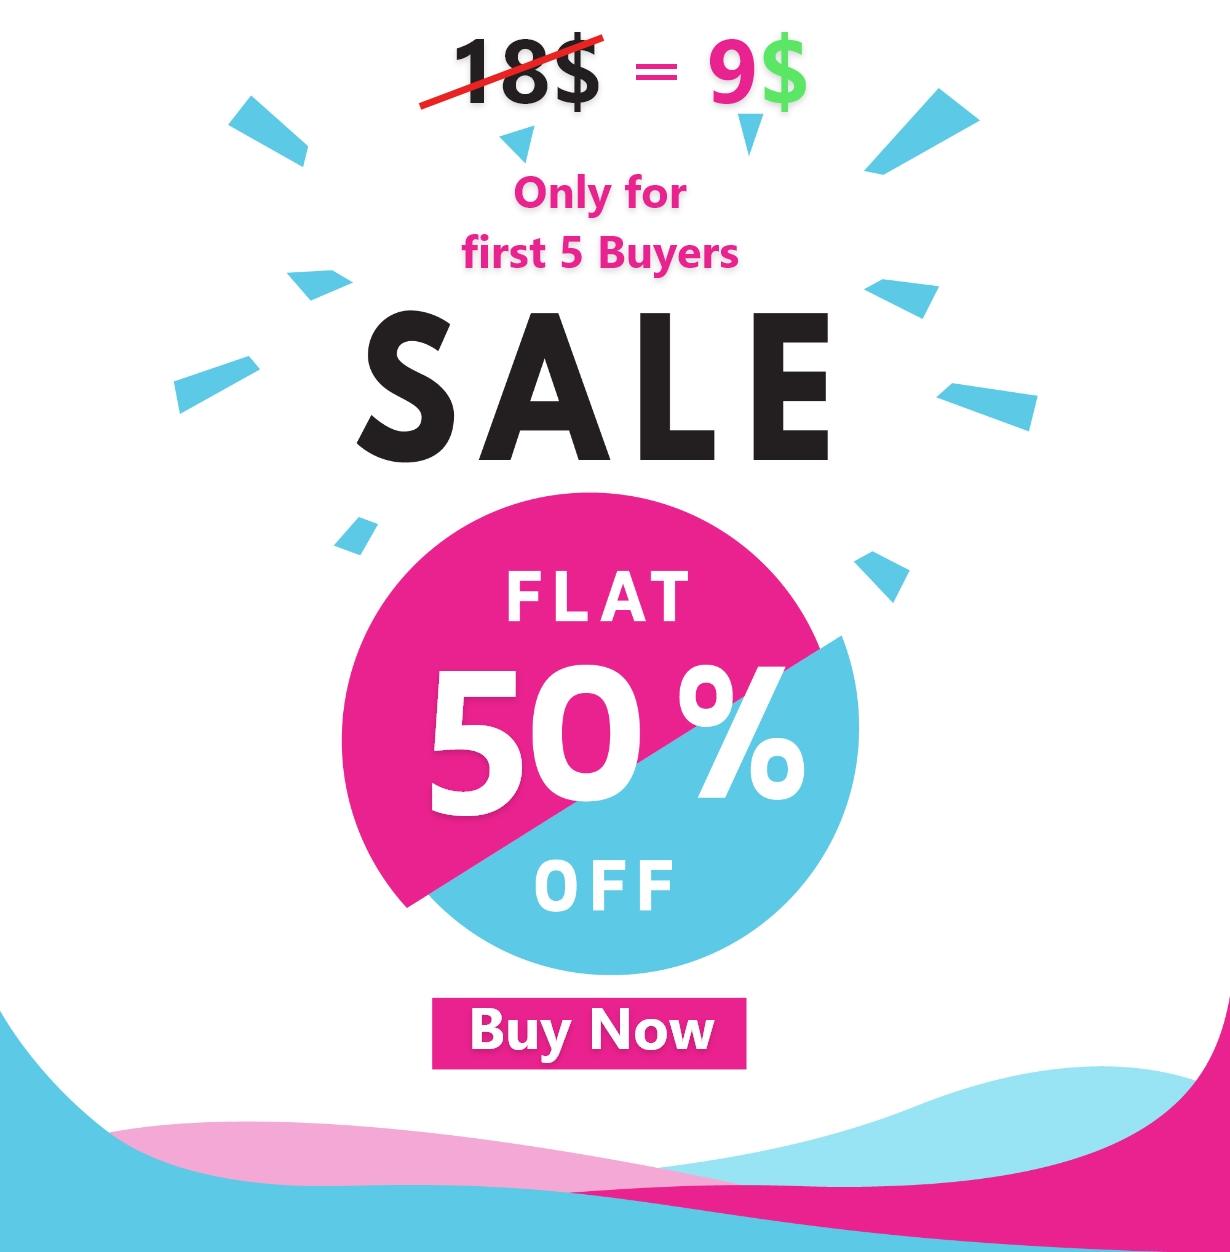 50% offer